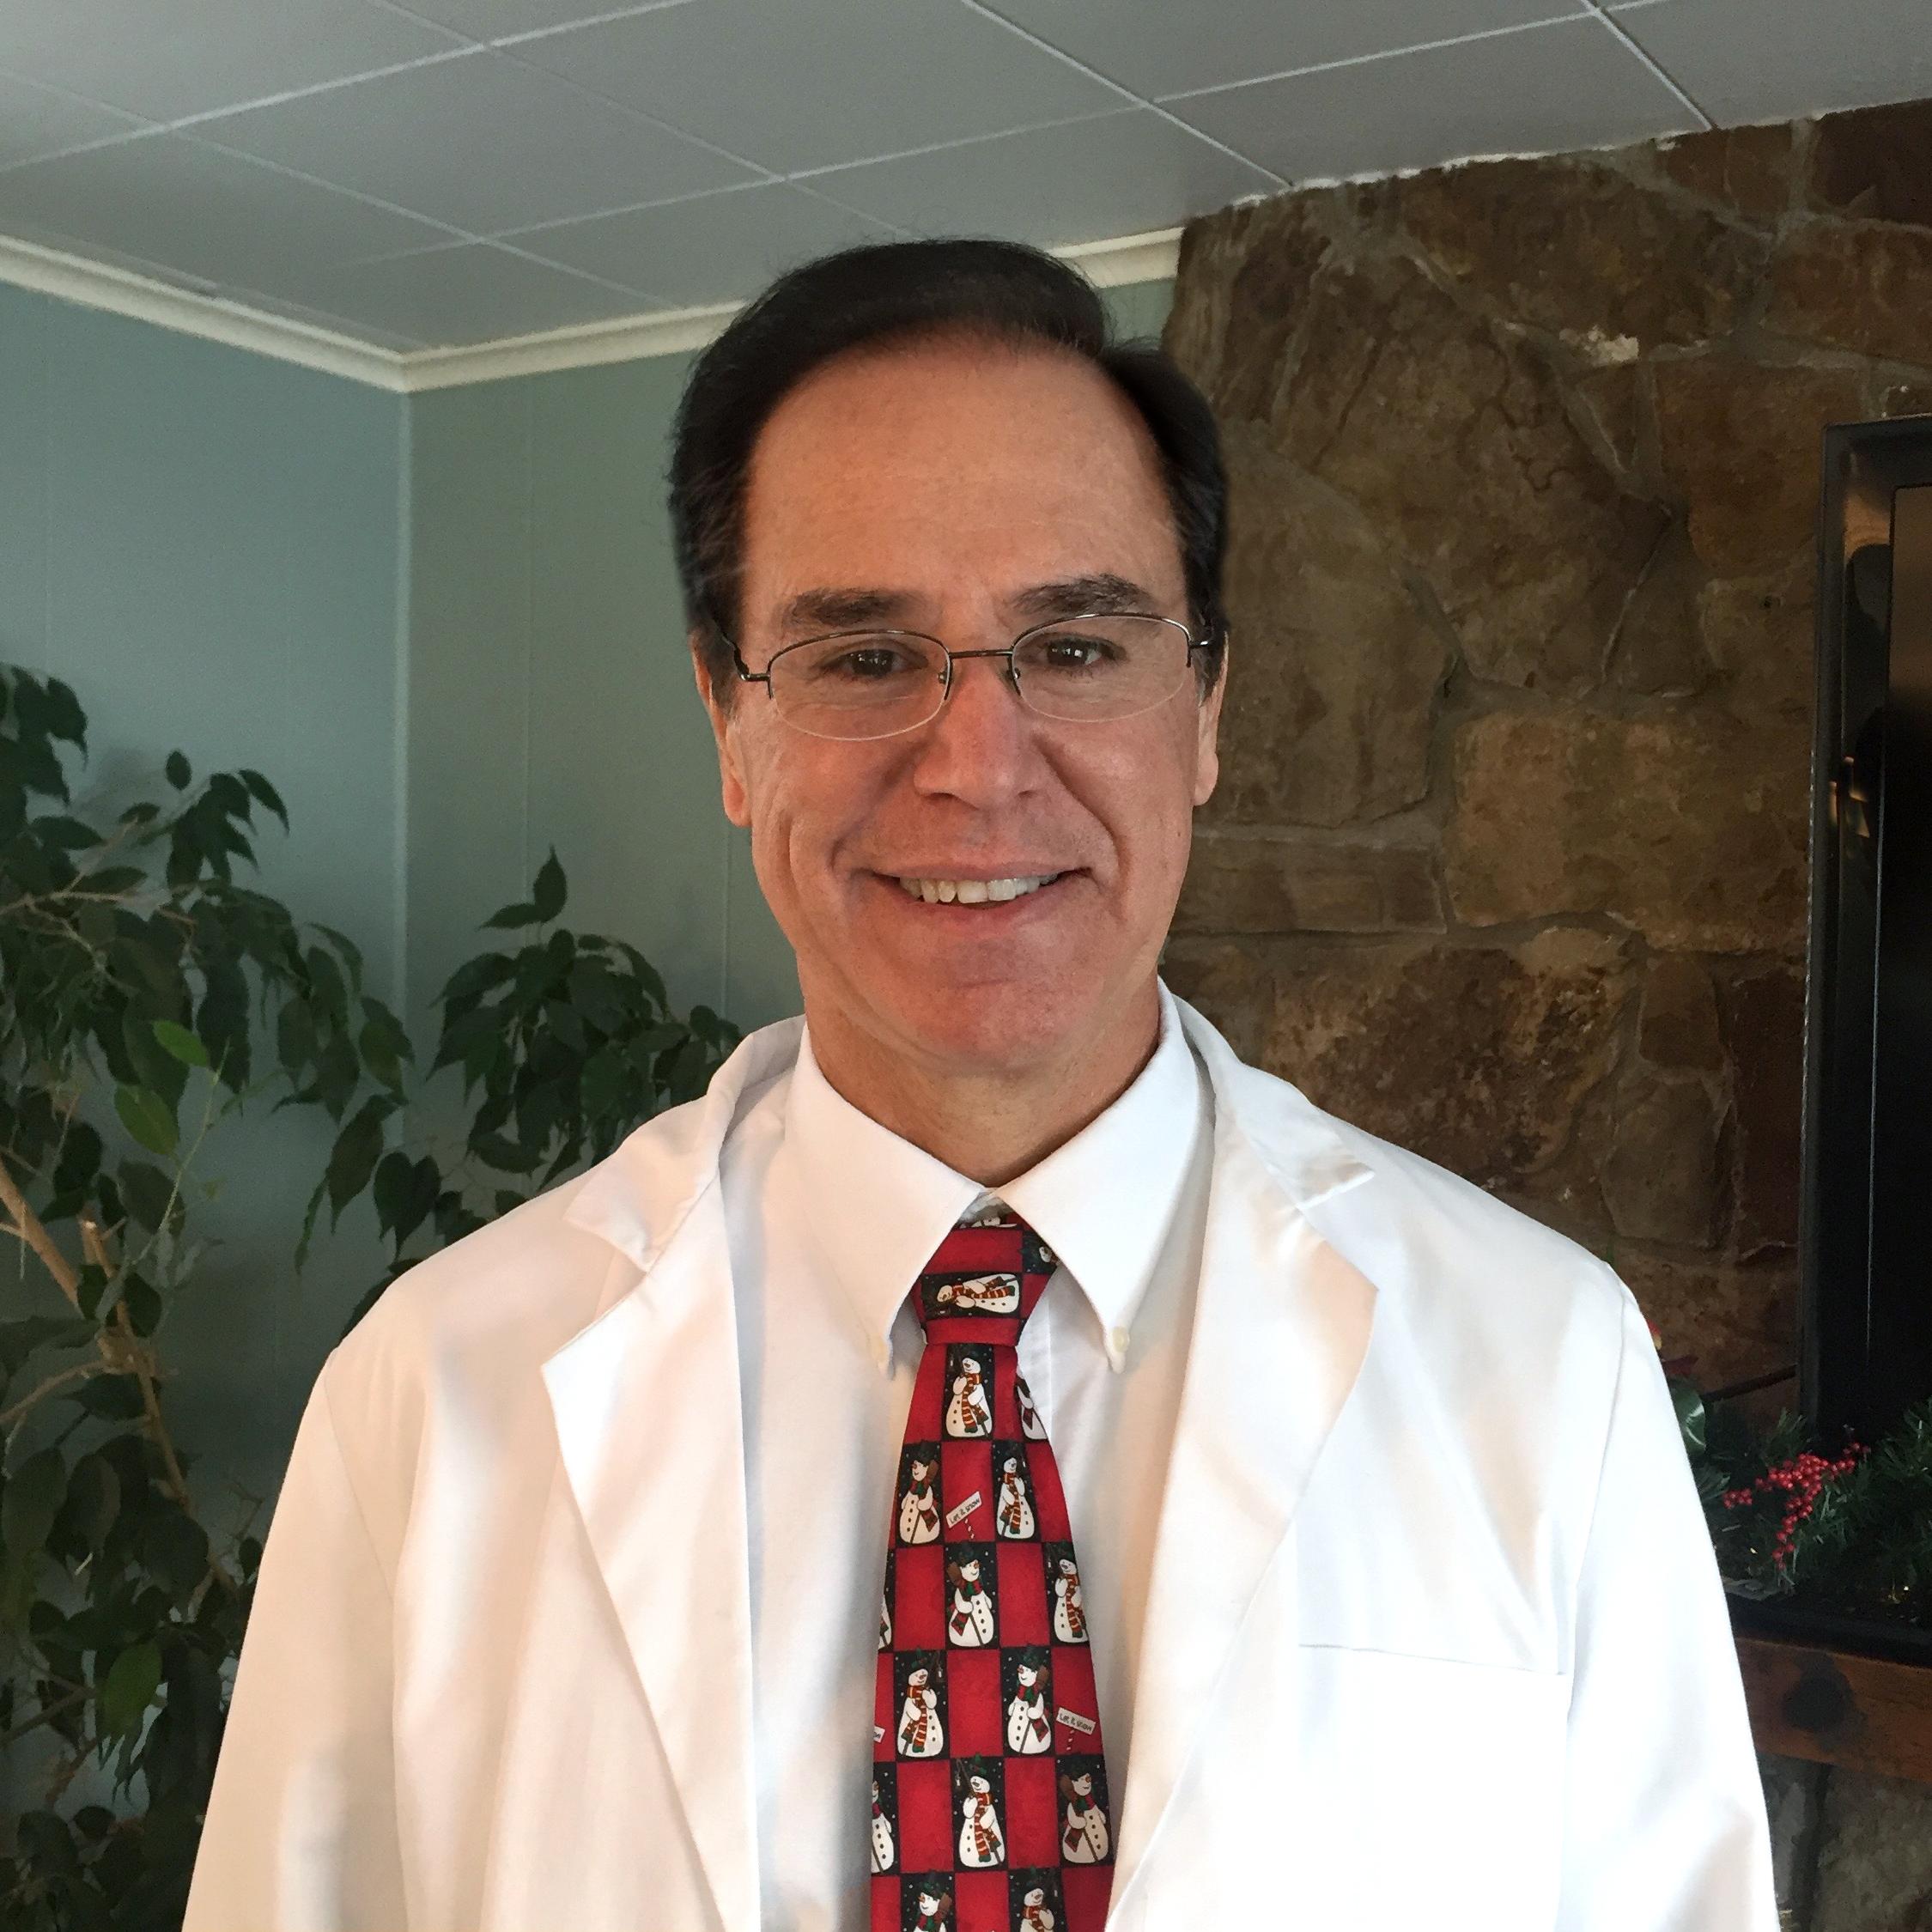 Dr. Curtis Rexroth D.C. C.C.N. M.A.